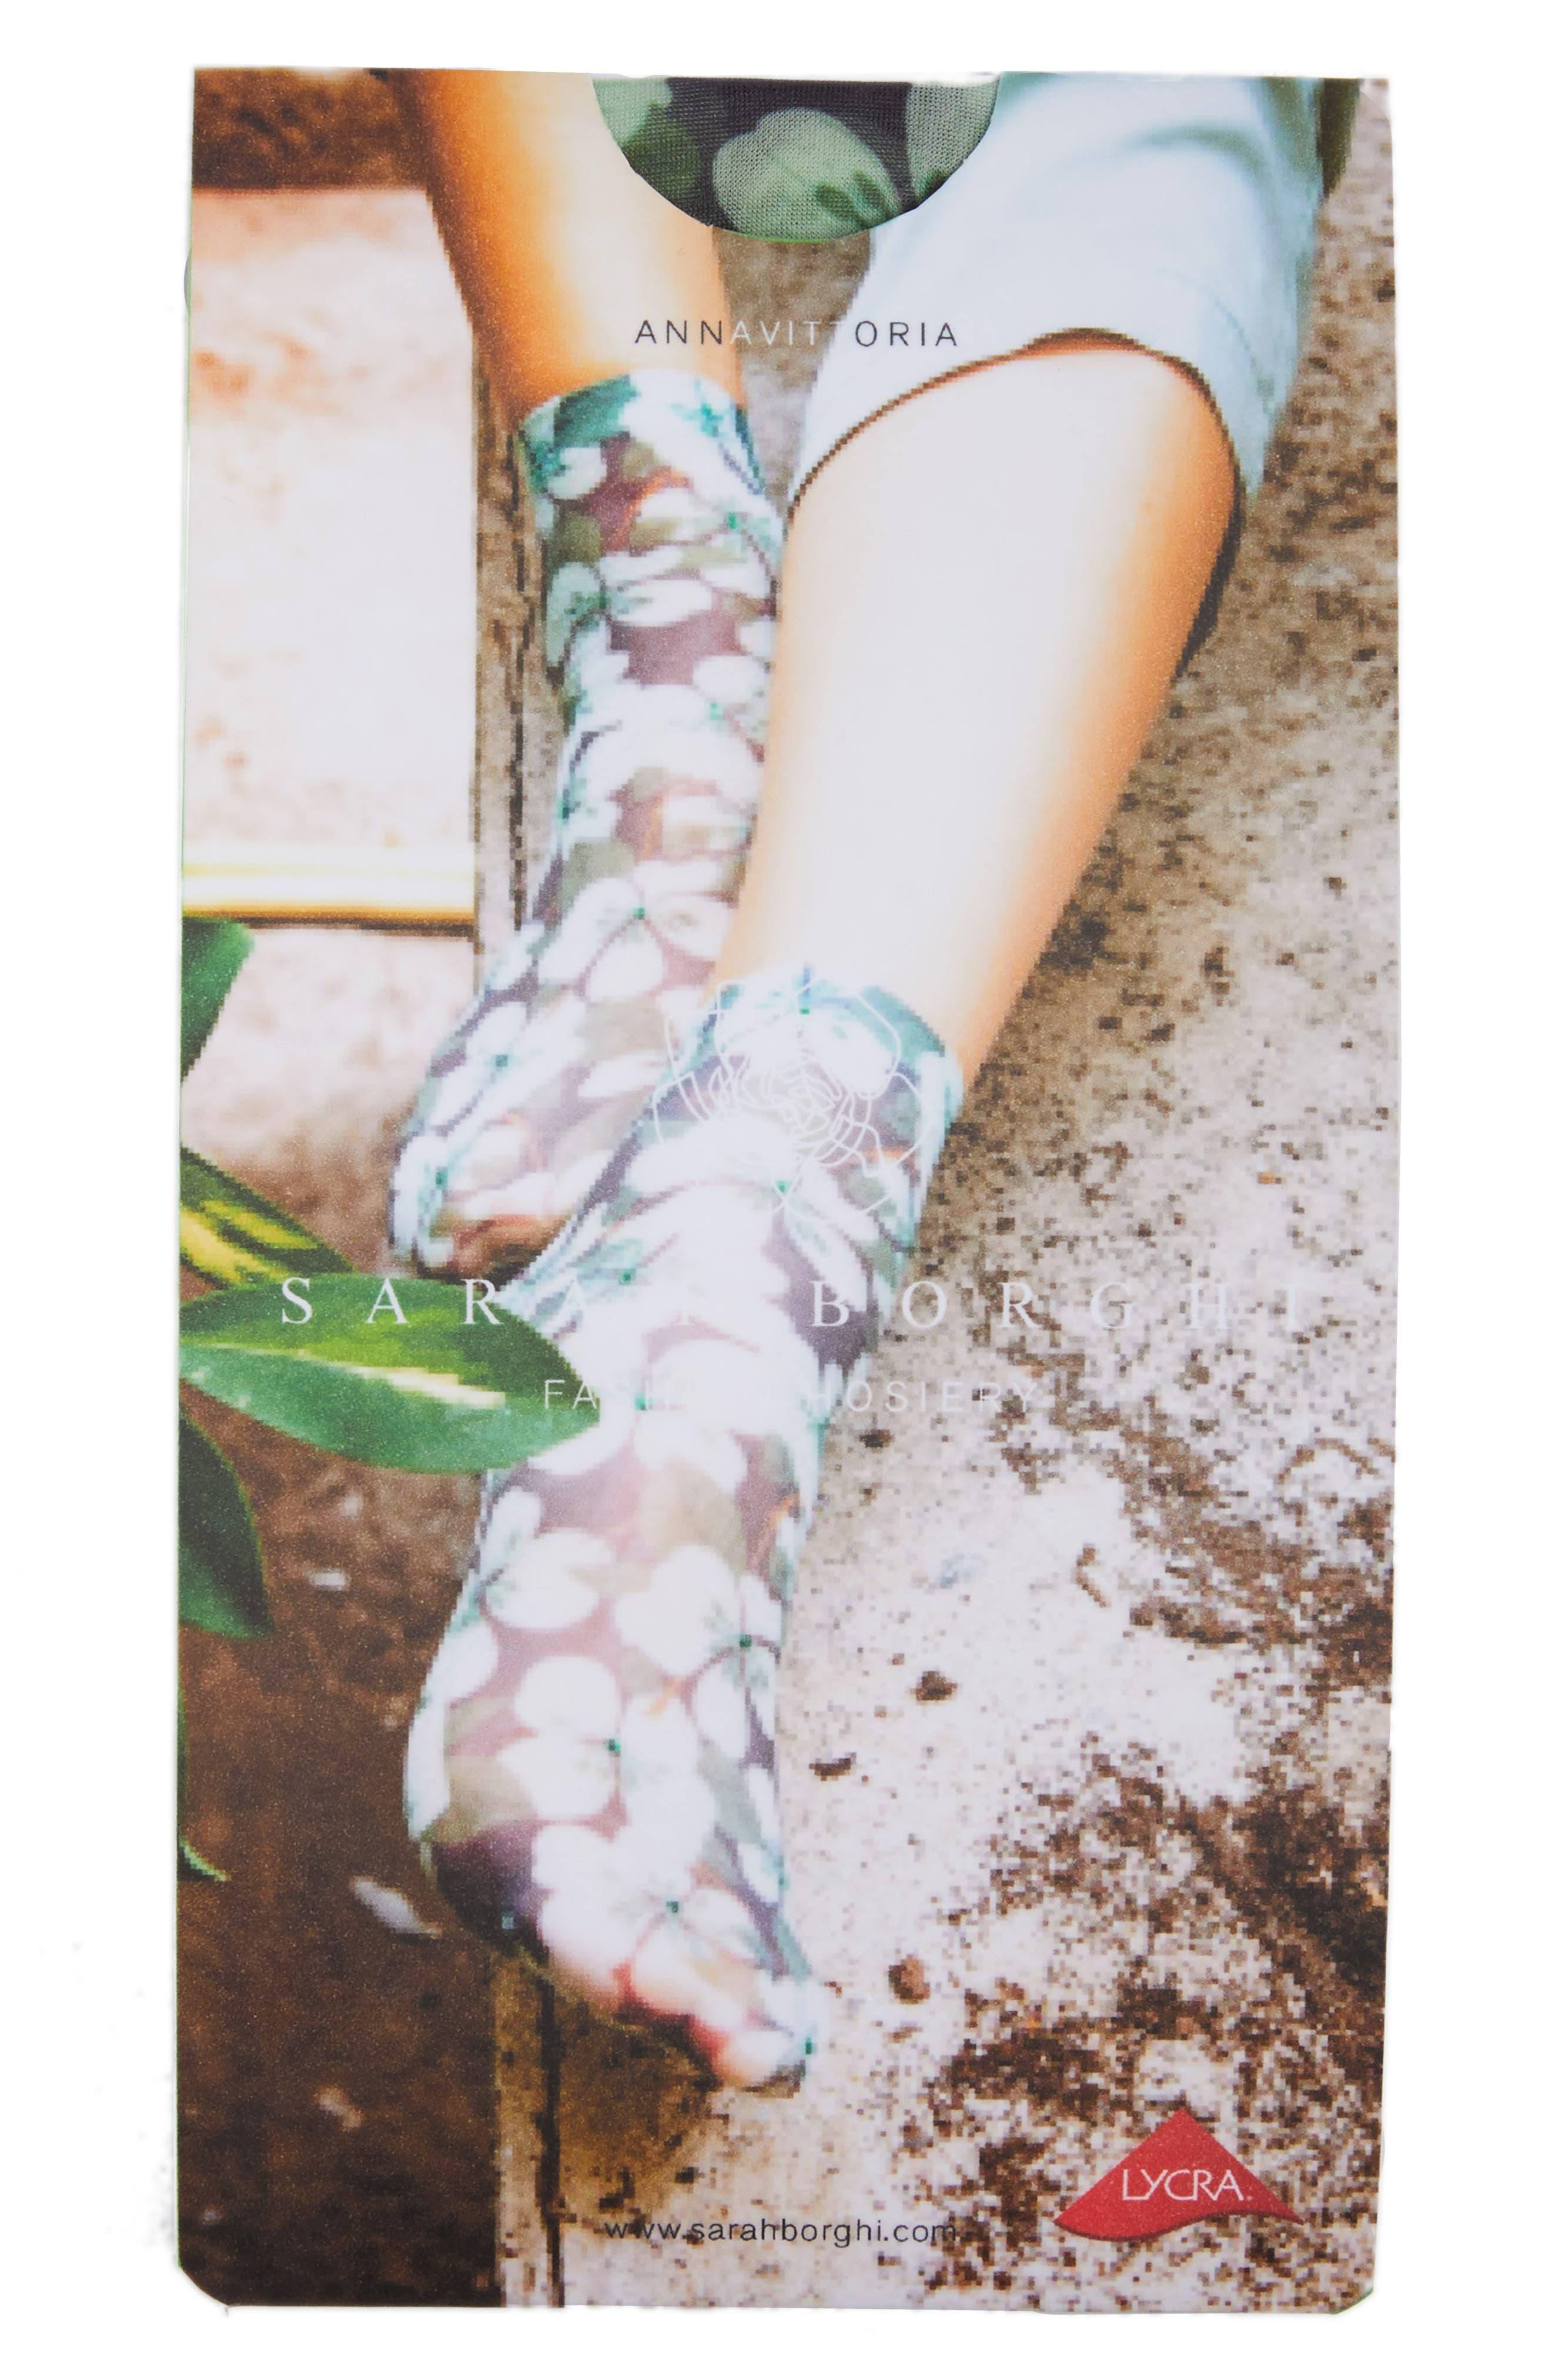 Annavittoria Ankle Socks,                             Alternate thumbnail 2, color,                             Fiore Strass